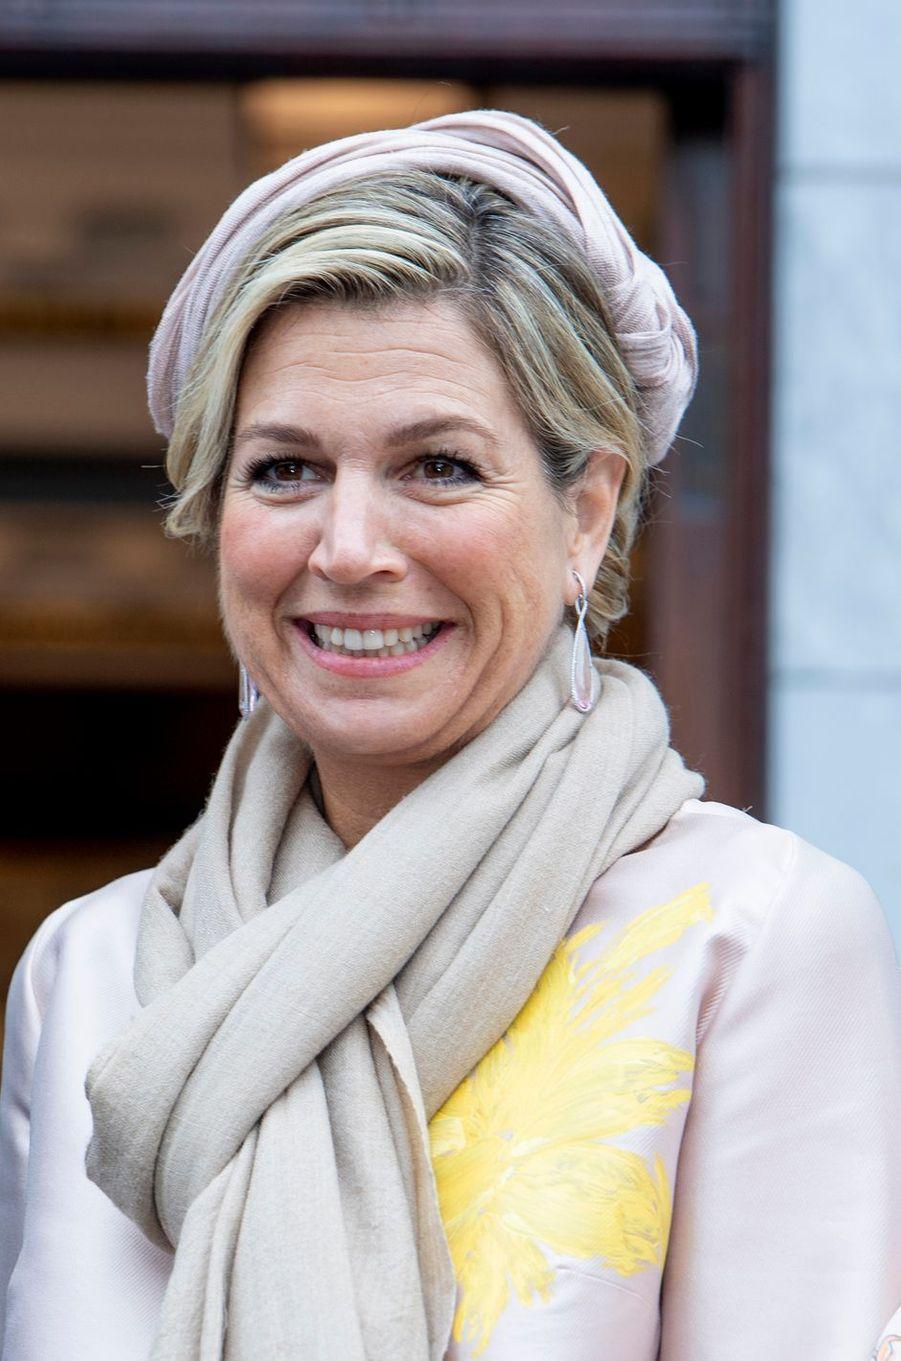 La reine Maxima des Pays-Bas à Cork en Irlande, le 14 juin 2019